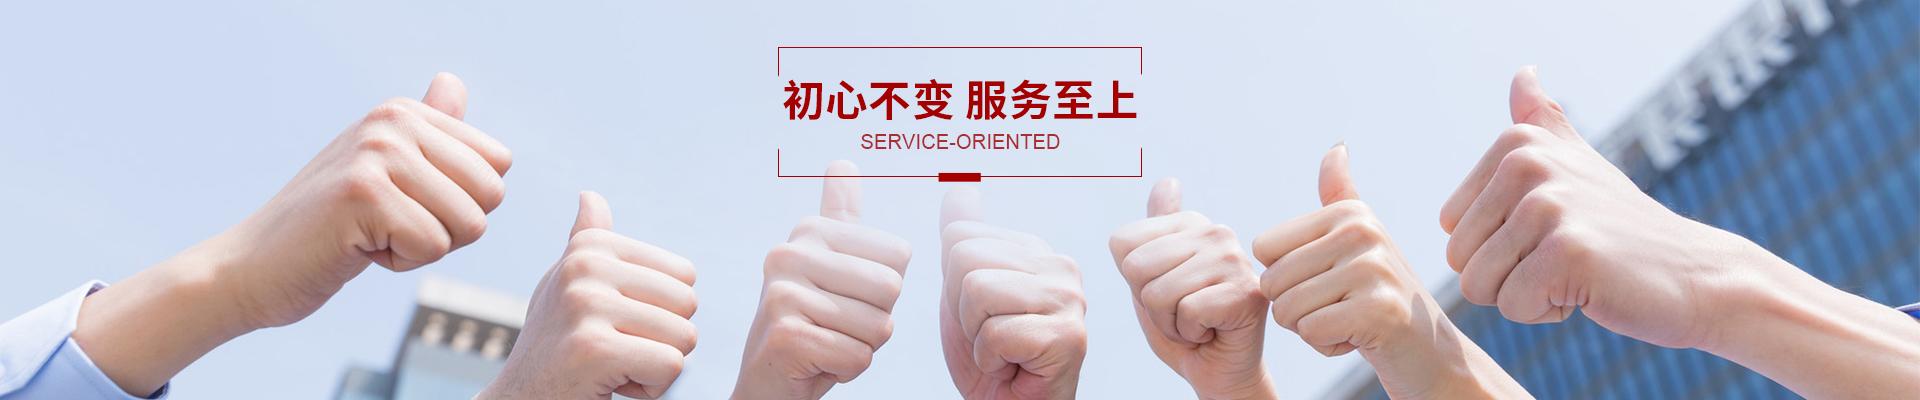 杨浦区绿色食品服务直销价格